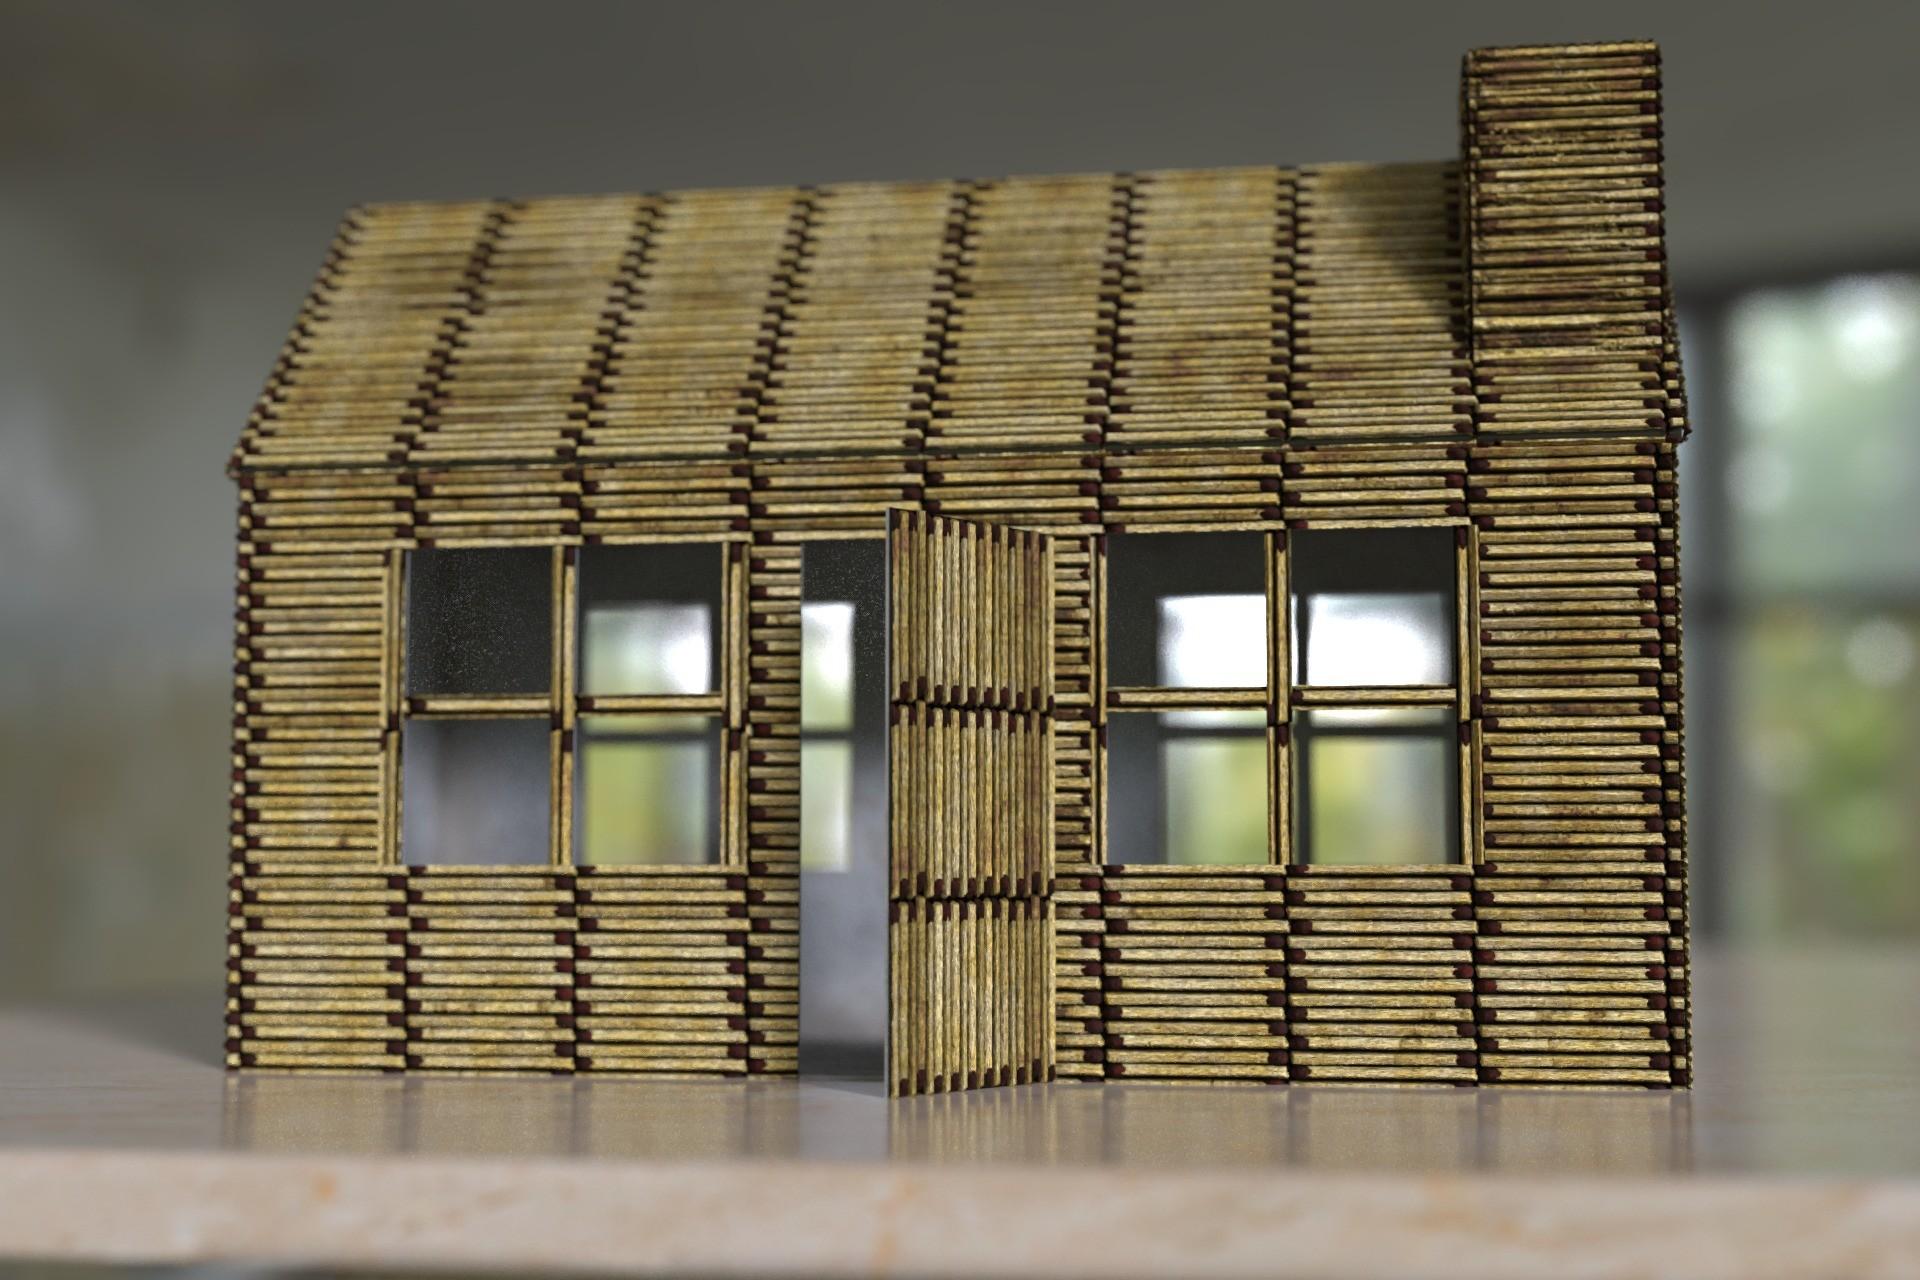 Cem tezcan matchstick house r1 00005